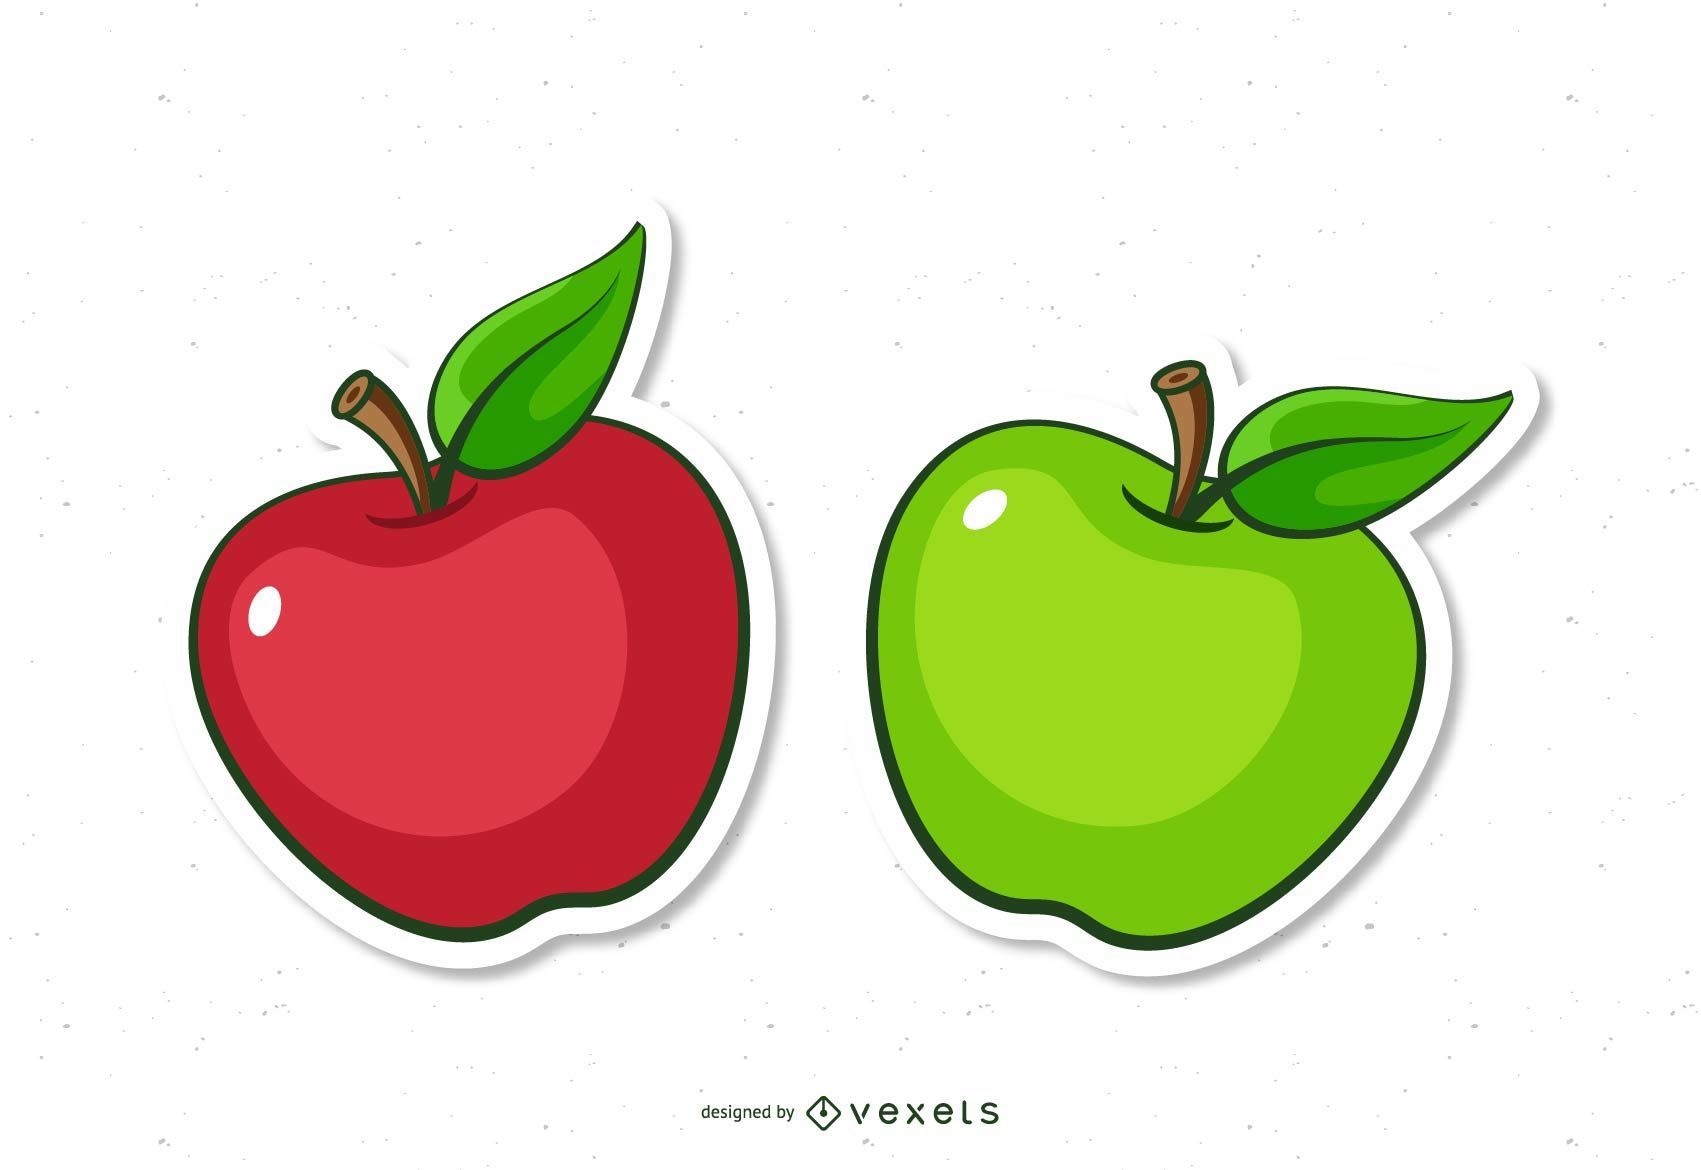 Dibujos Animados De Manzana Roja Y Verde Descargar Vector